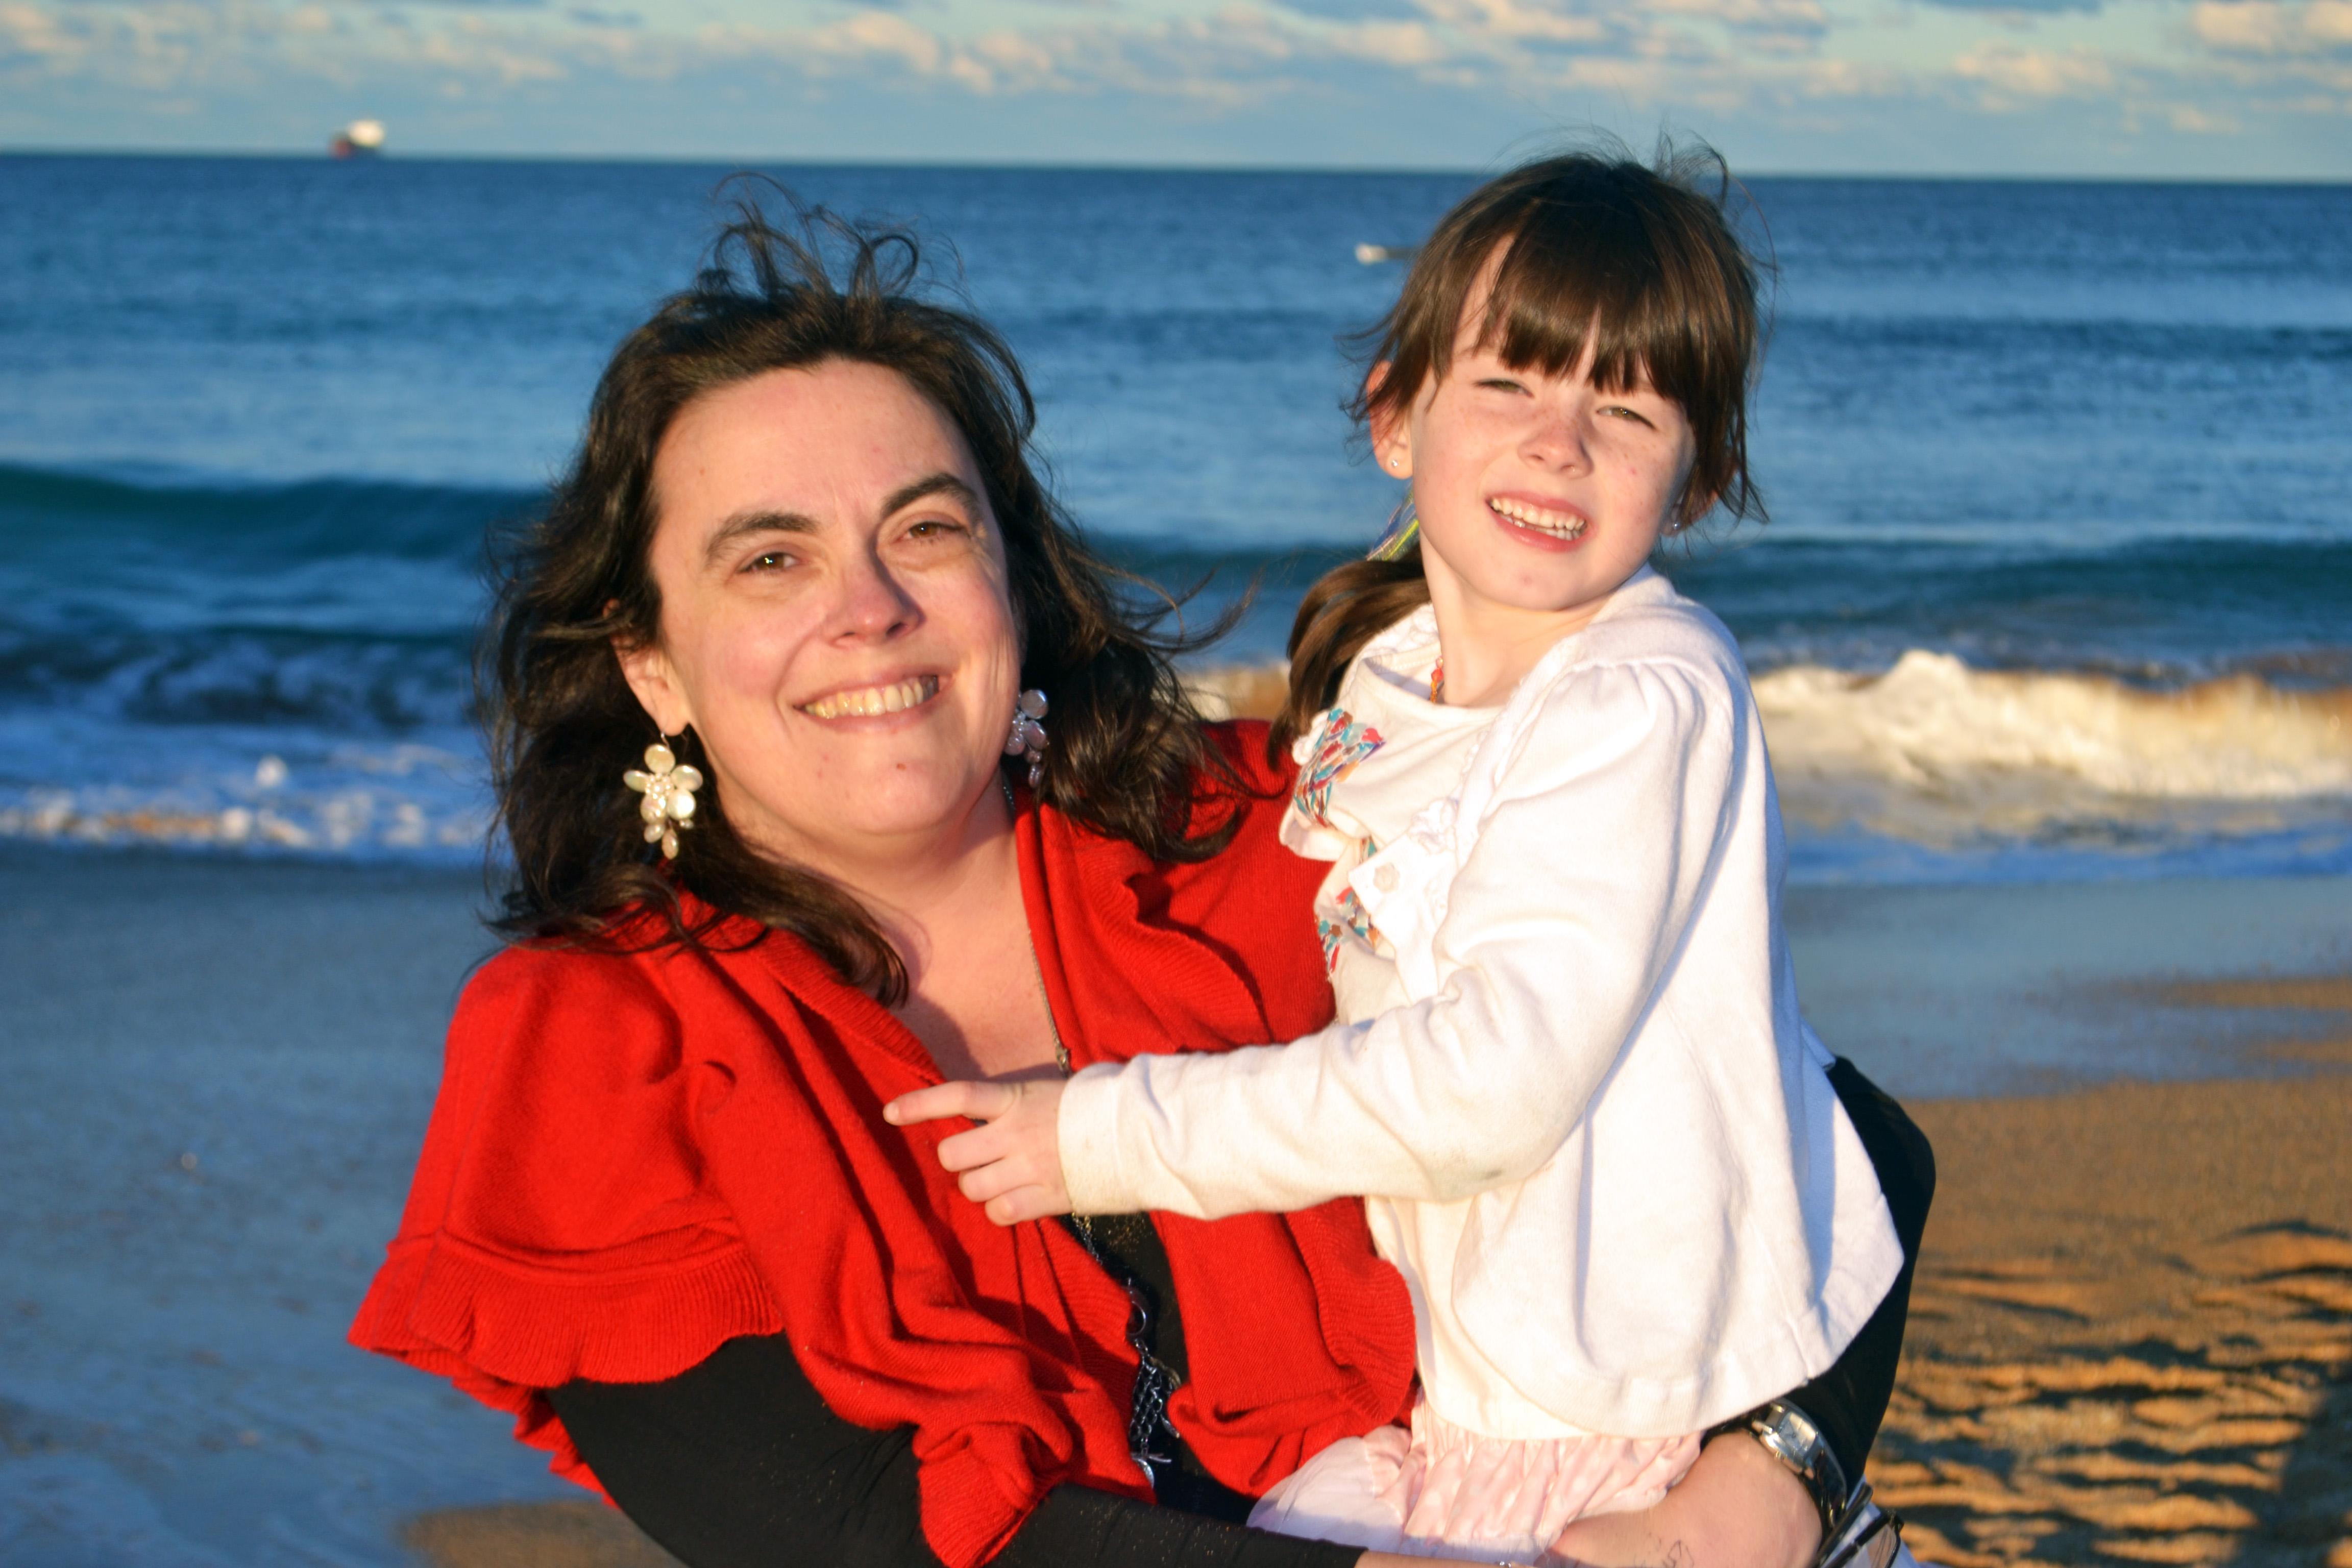 Mummy & Amelia